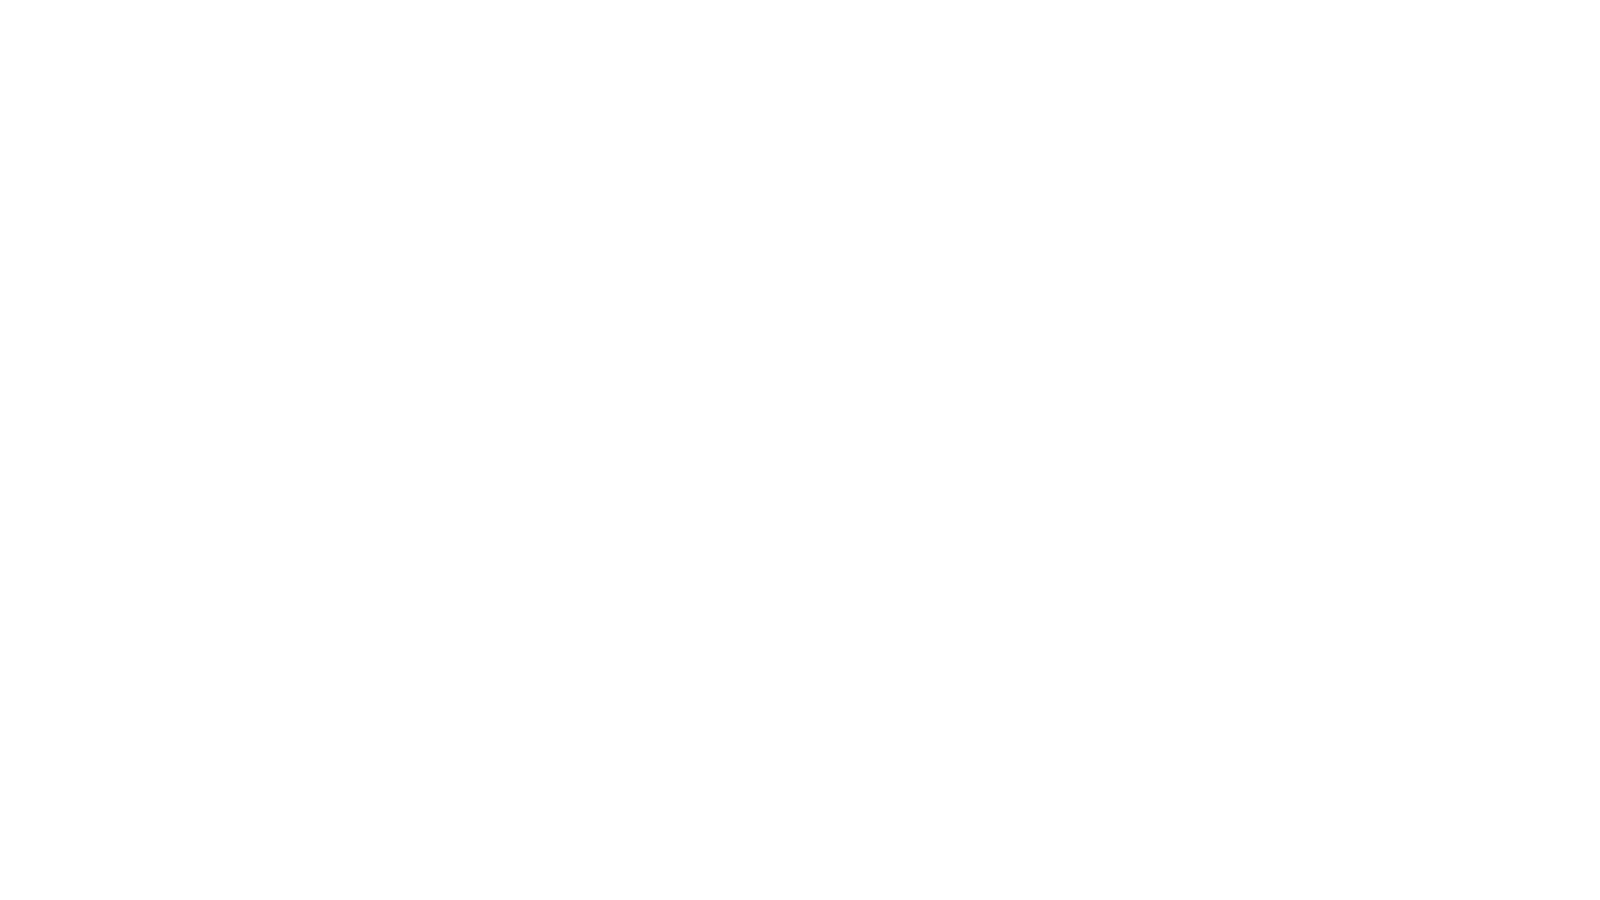 Luukku 24 - Let It Go!  Hyvää ja turvallista joulua!  Musiikki: Let It Go (Instrumental) - Idina Menzel Sleigh Ride - The Ronettes